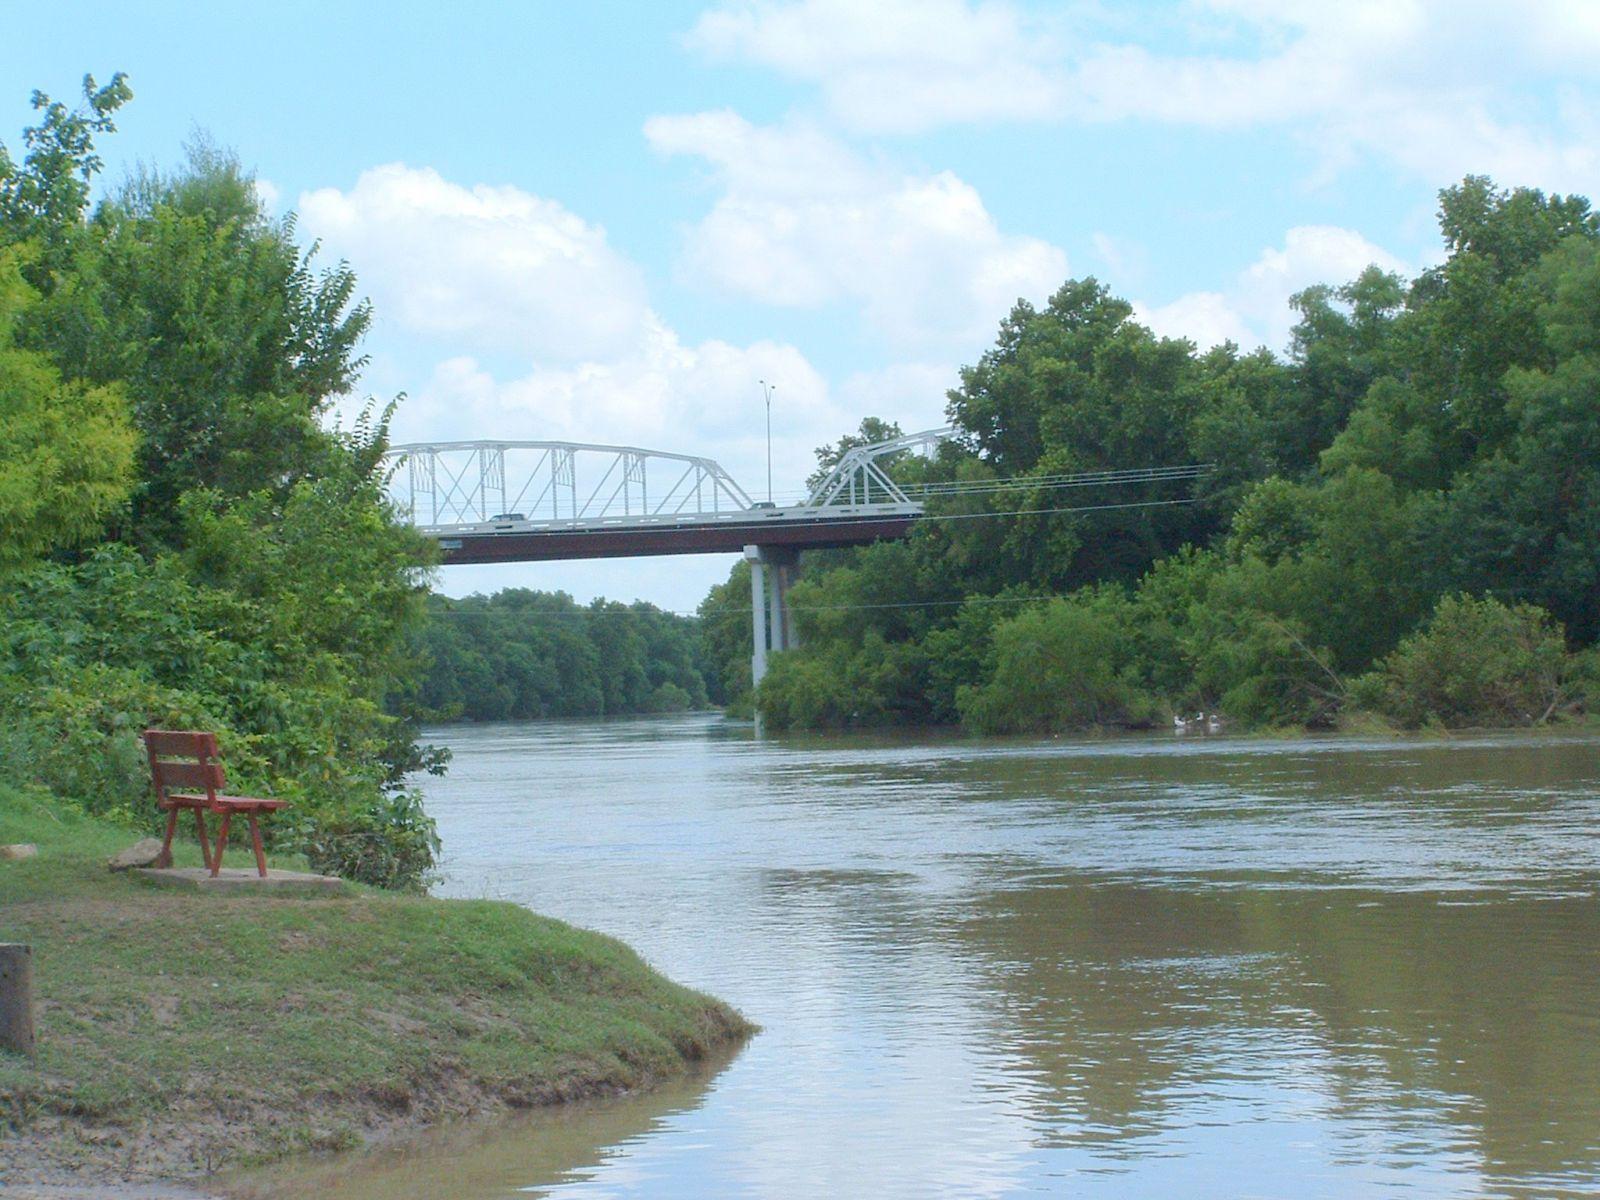 old bastrop bridge over the colorado river